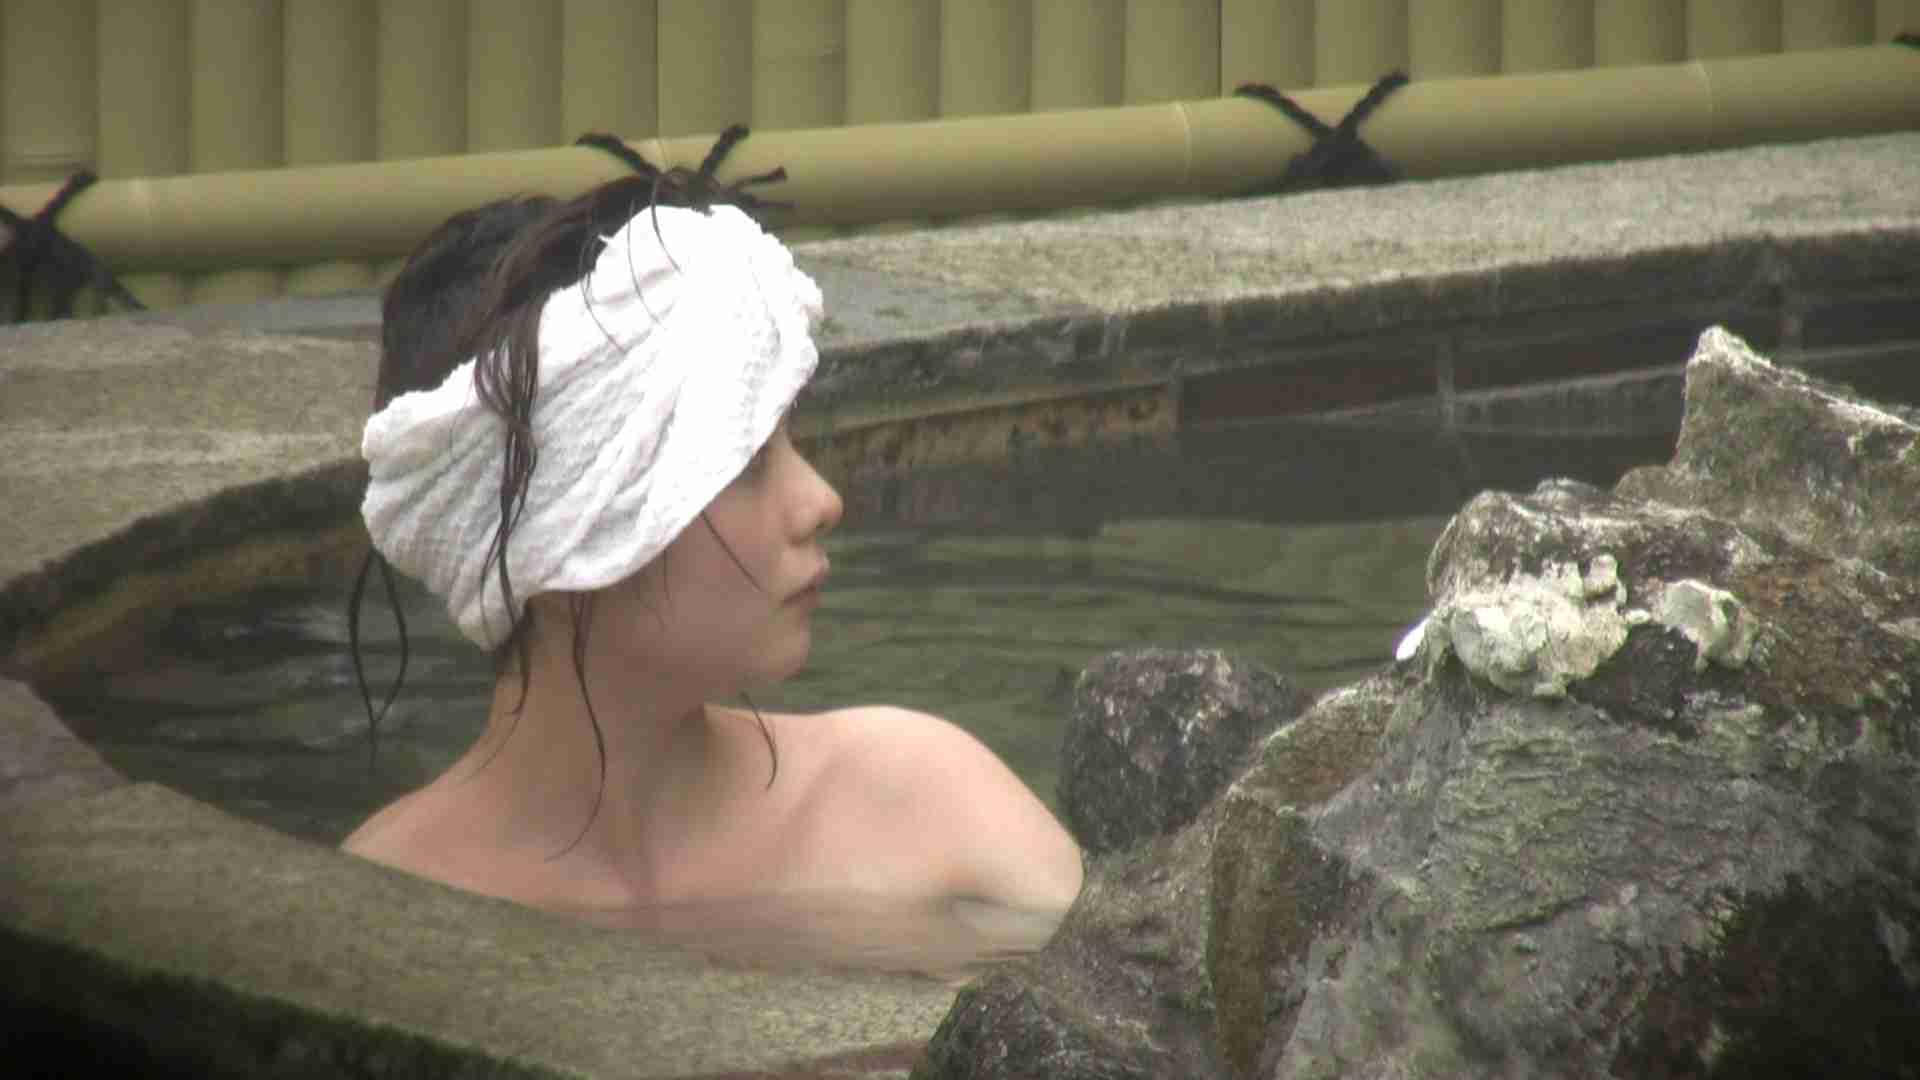 Aquaな露天風呂Vol.147 盗撮 セックス無修正動画無料 84PICs 32